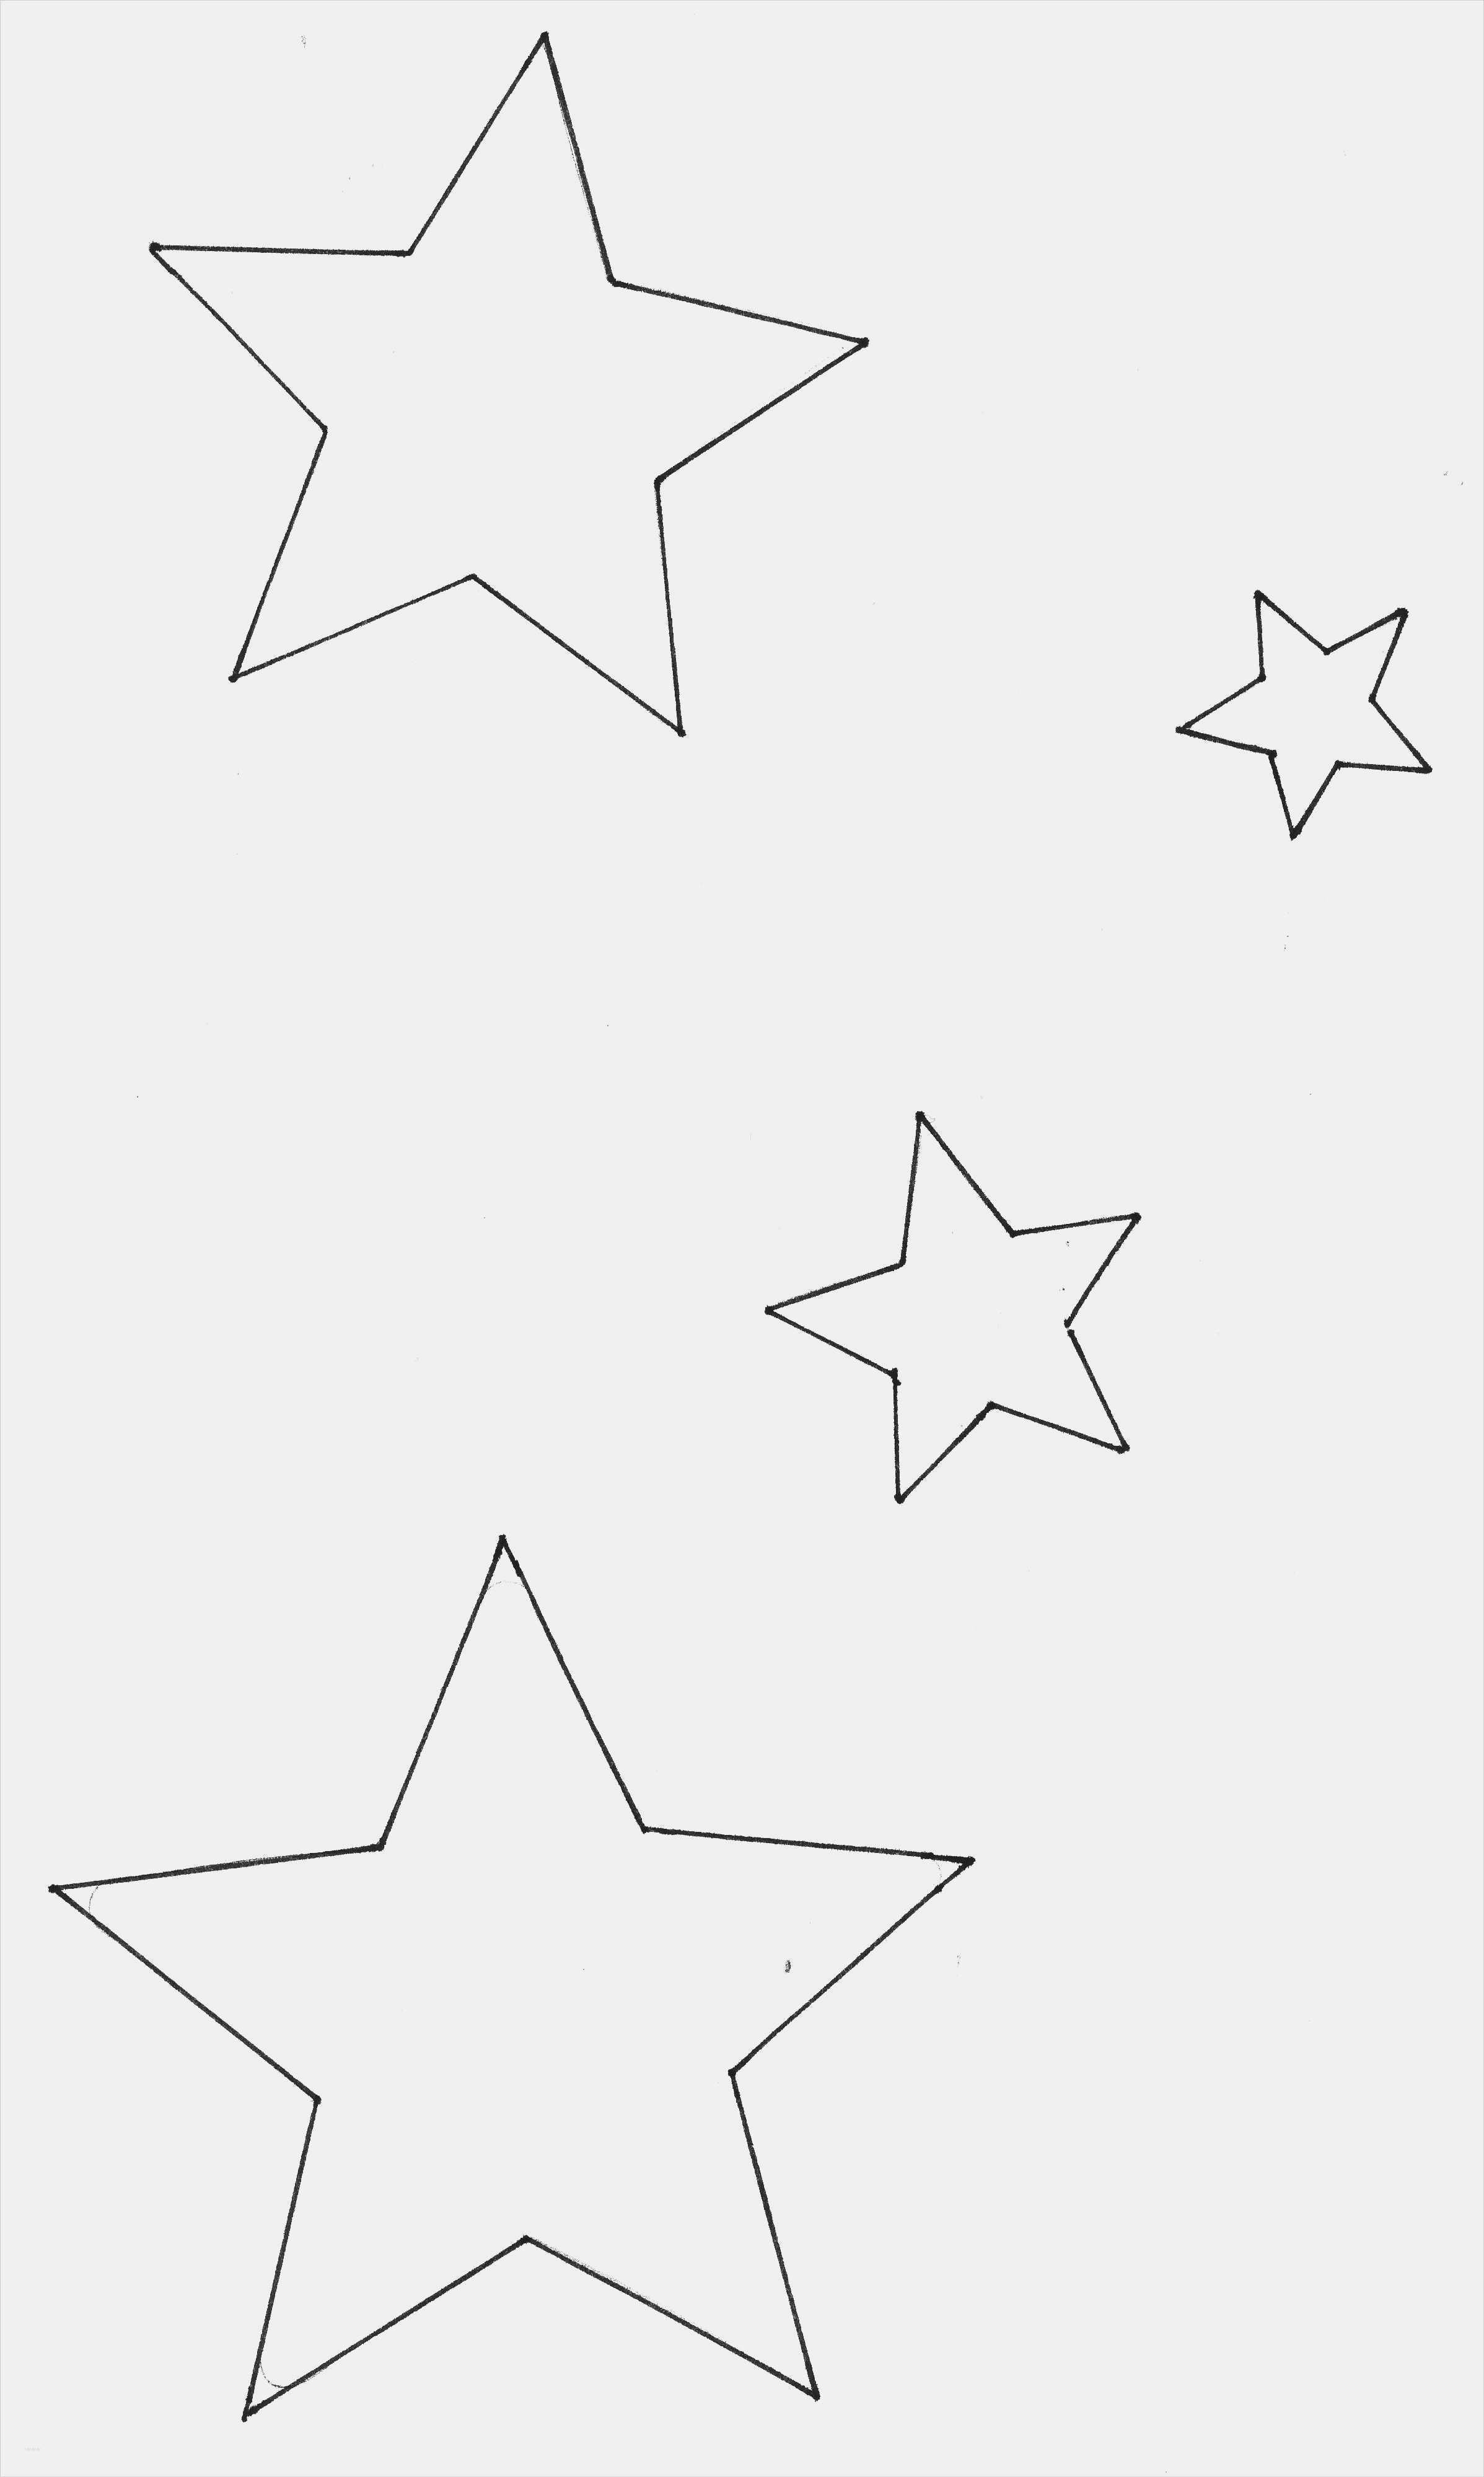 Ausmalbilder Weihnachten Muster Frisch Mond Und Sterne Ausmalbilder Fotografieren